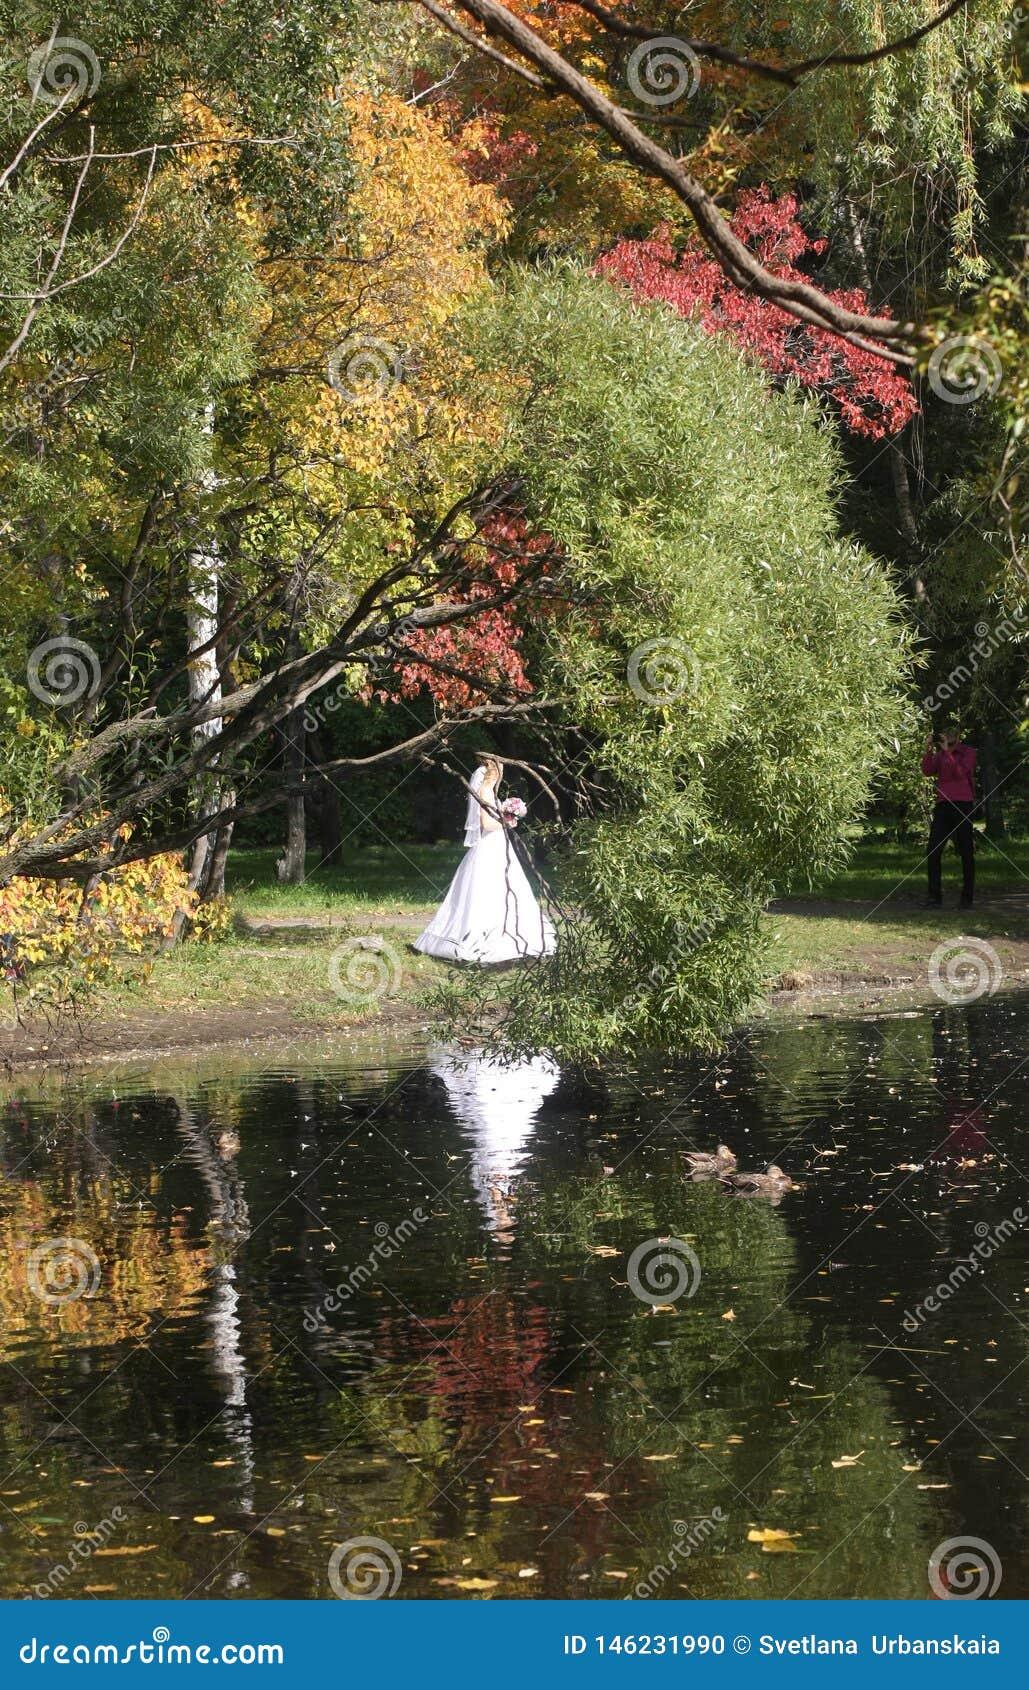 Περίπατος στο πάρκο το φθινόπωρο E Νύφη